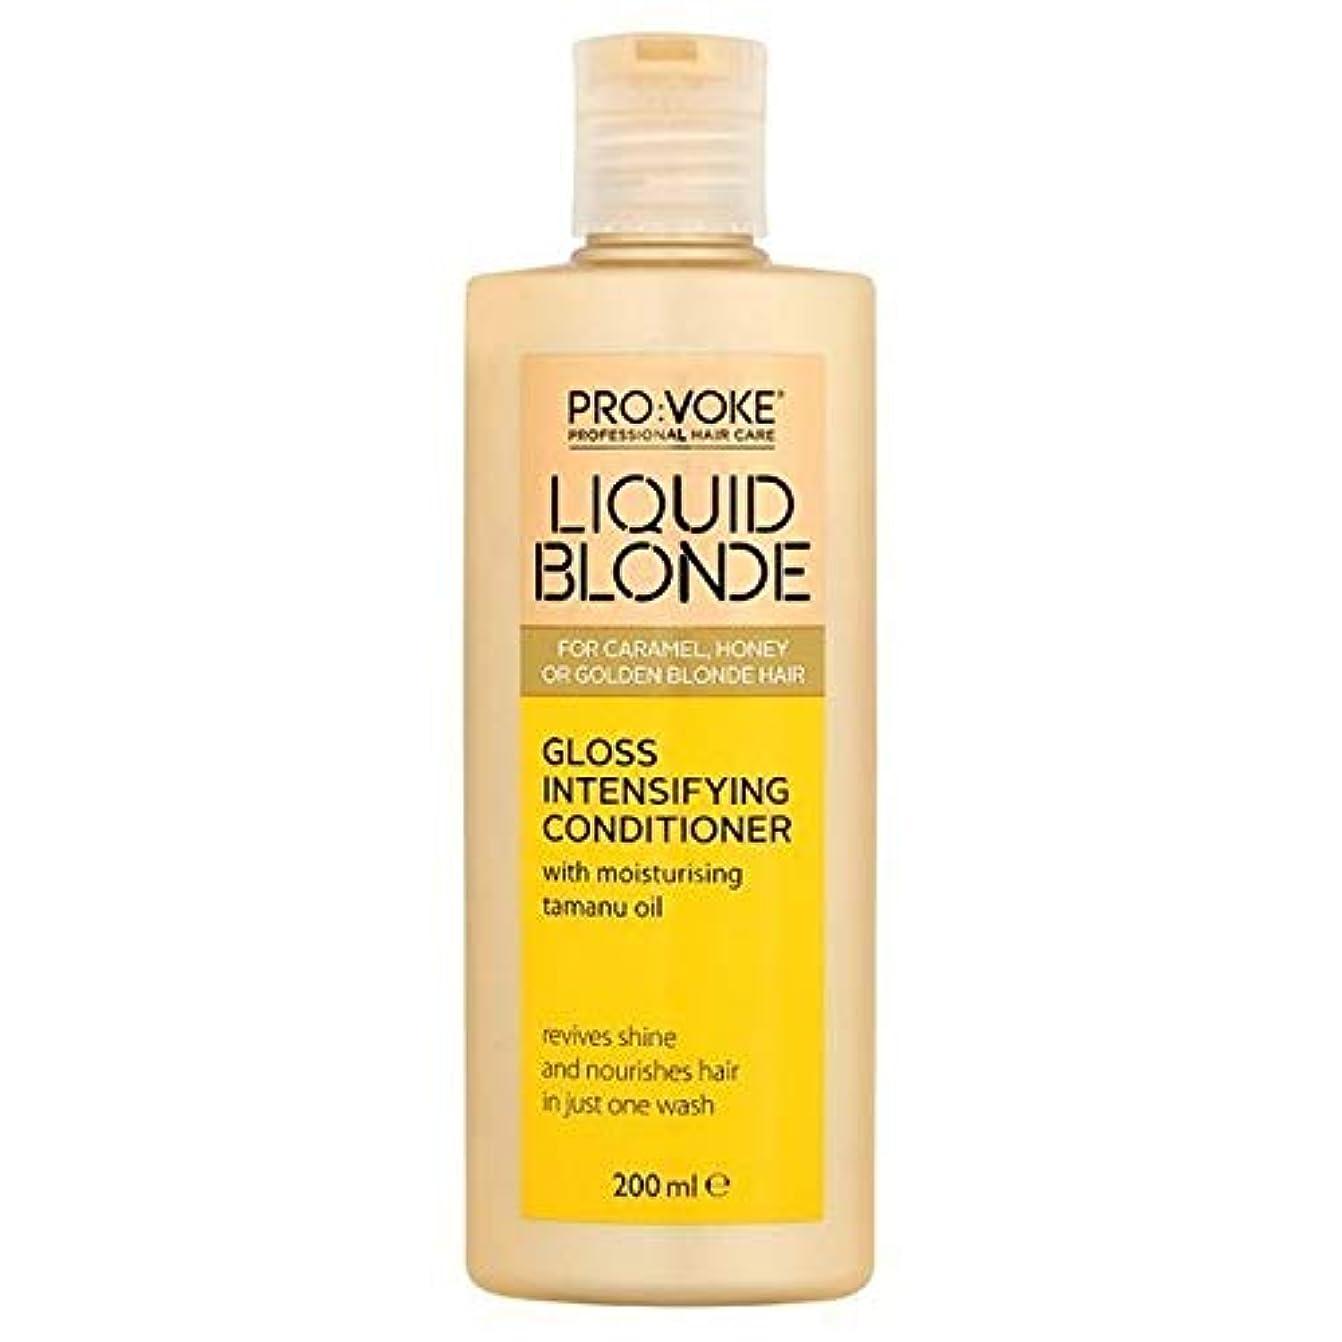 バンクブリーク広大な[Pro:Voke] プロ:Voke液体ブロンド強烈な輝きコンディショナー - PRO:VOKE Liquid Blonde Intense Shine Conditioner [並行輸入品]